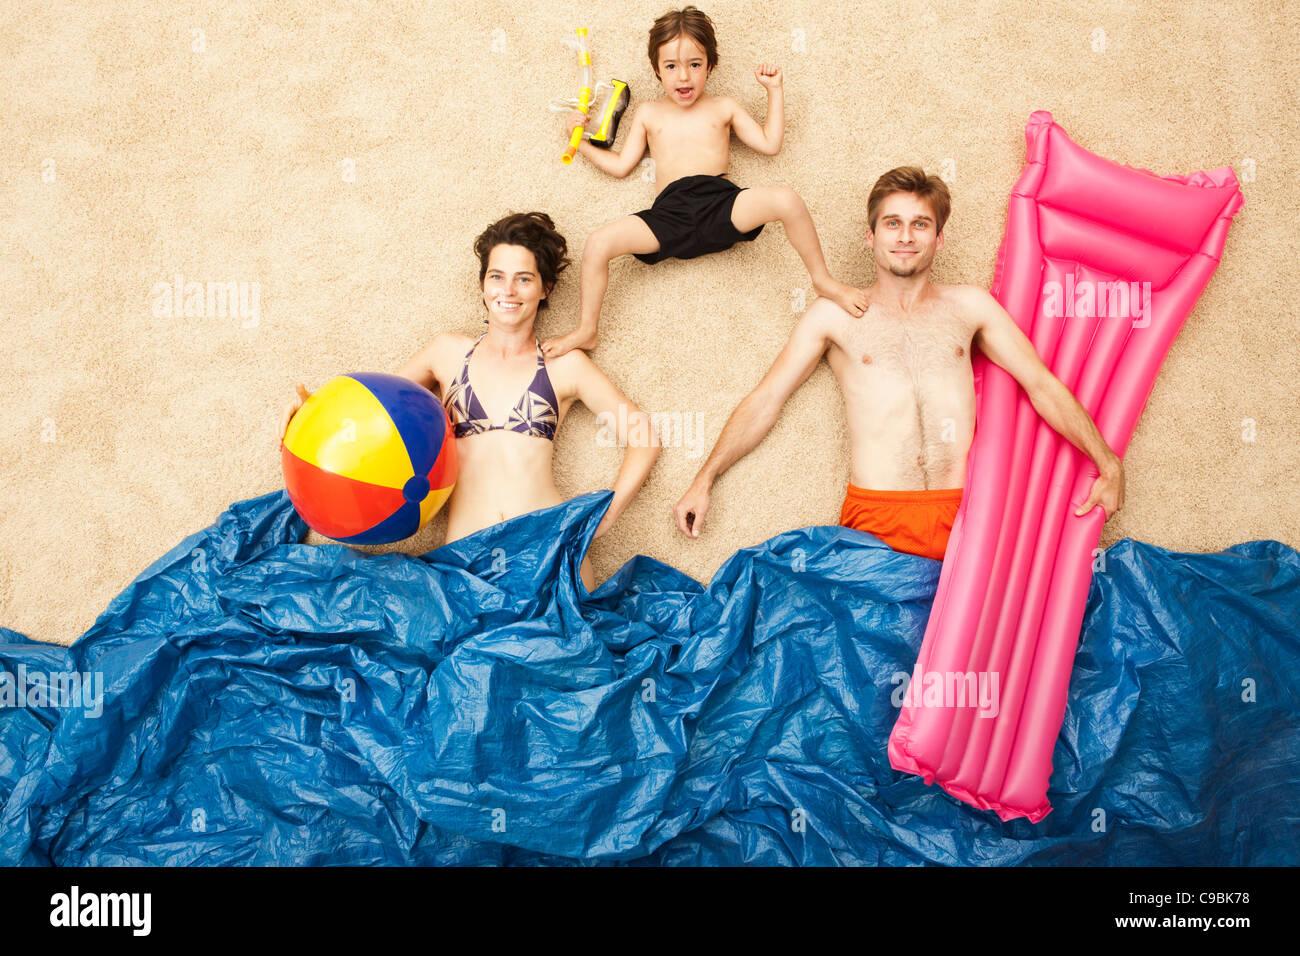 Alemania, una playa artificial con escenas de familia divirtiéndose en ondas Imagen De Stock